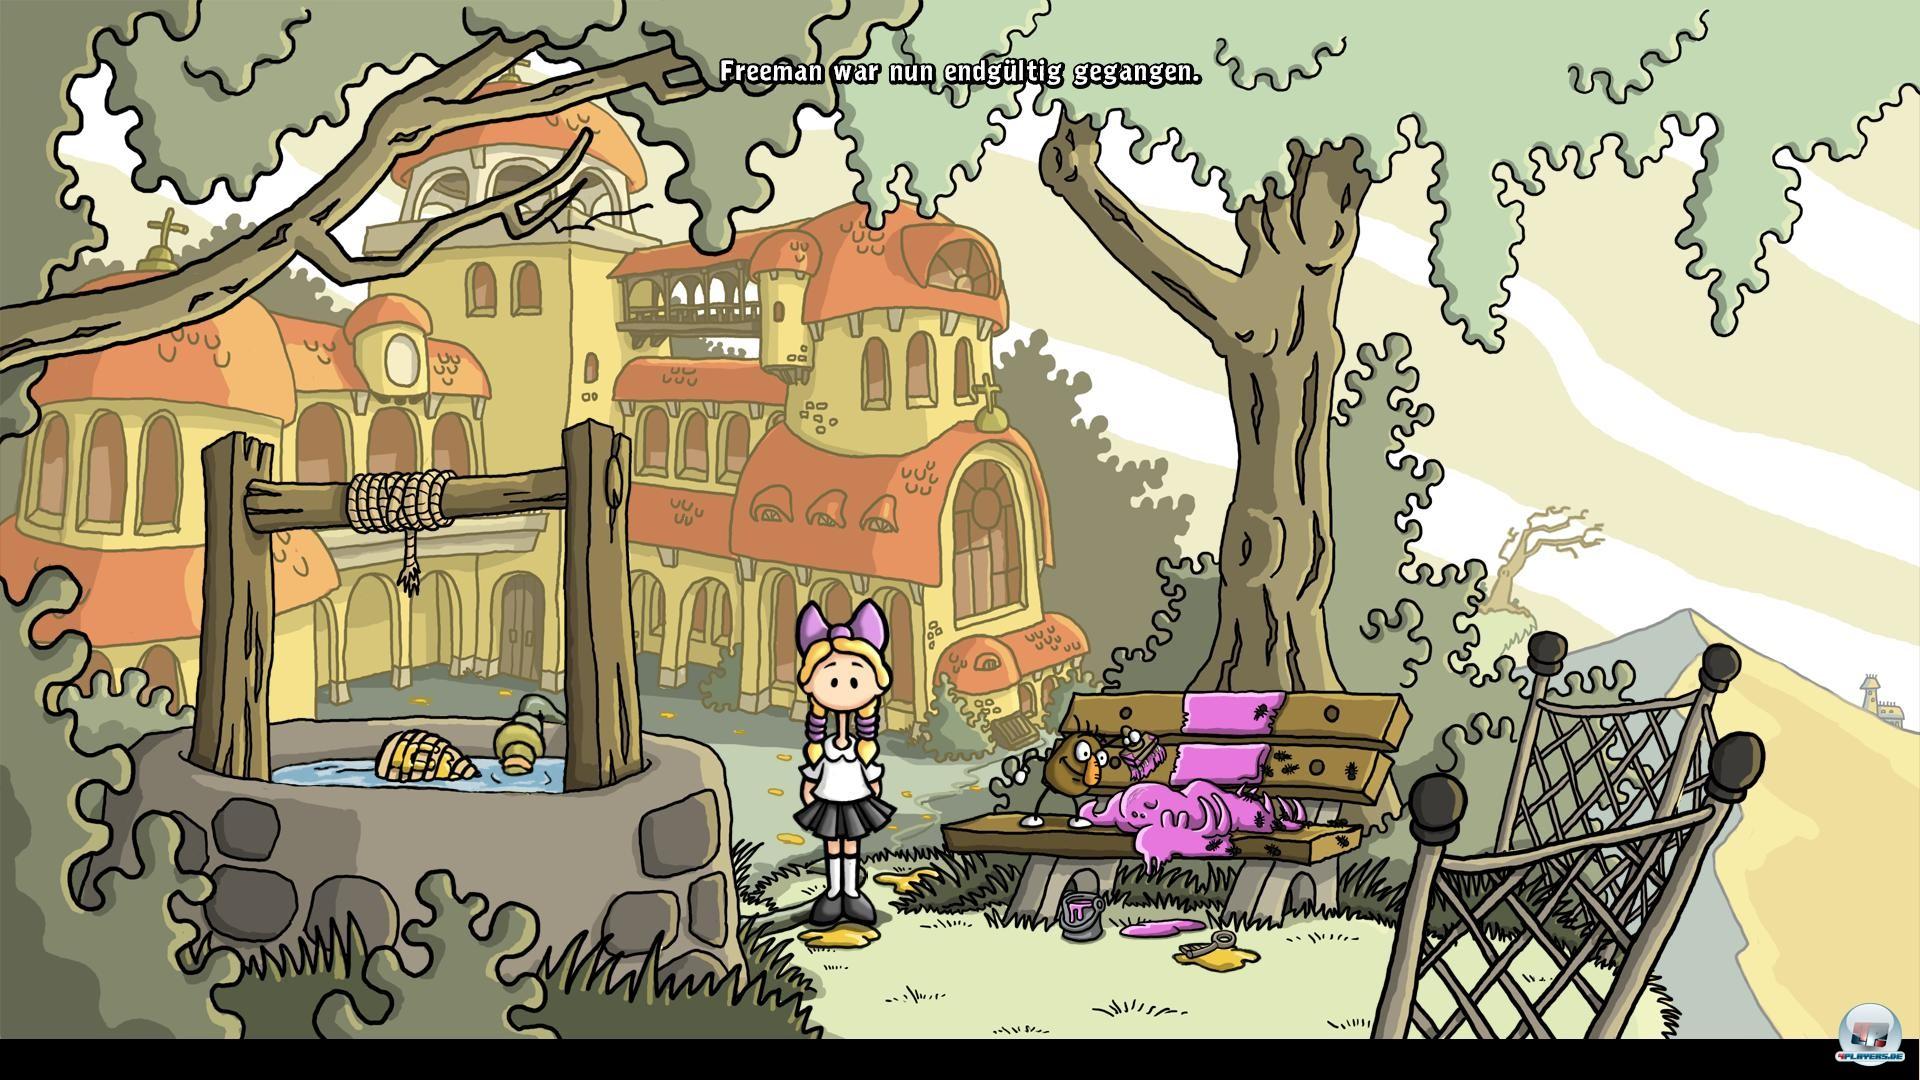 Hurrah, die lustigen kleinen Zensur-Gnome! Die kartoffelförmigen Freunde aus Lillis Unterbewusstsein malen alles Unangenehme rosa an und drücken ganz nebenbei das USK-Rating.